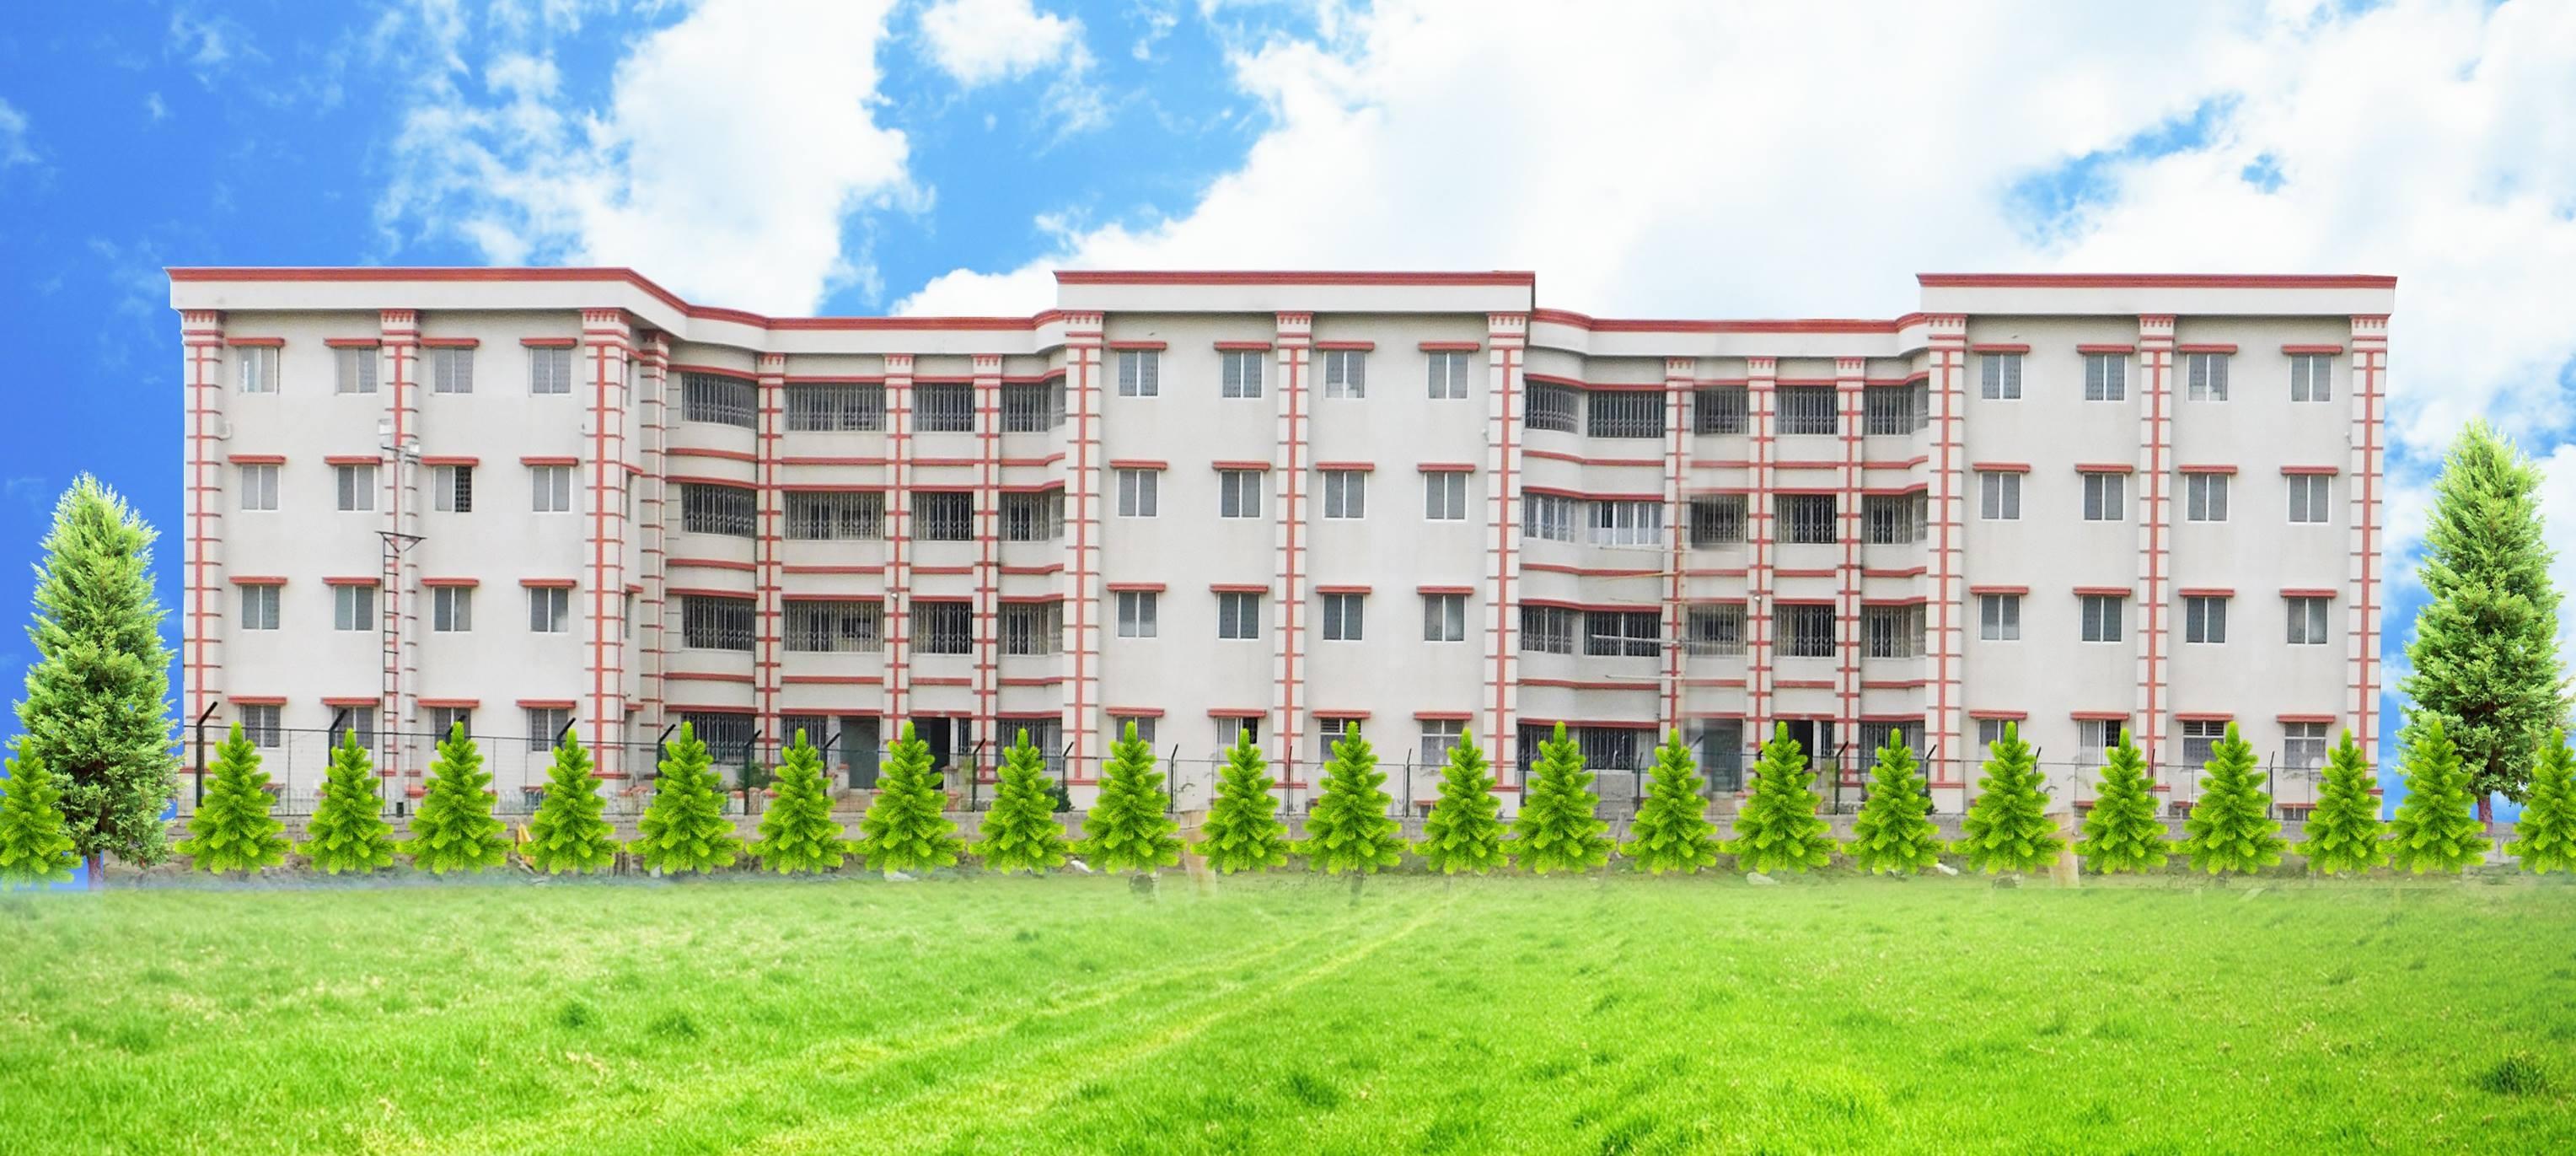 Burdwan Model School